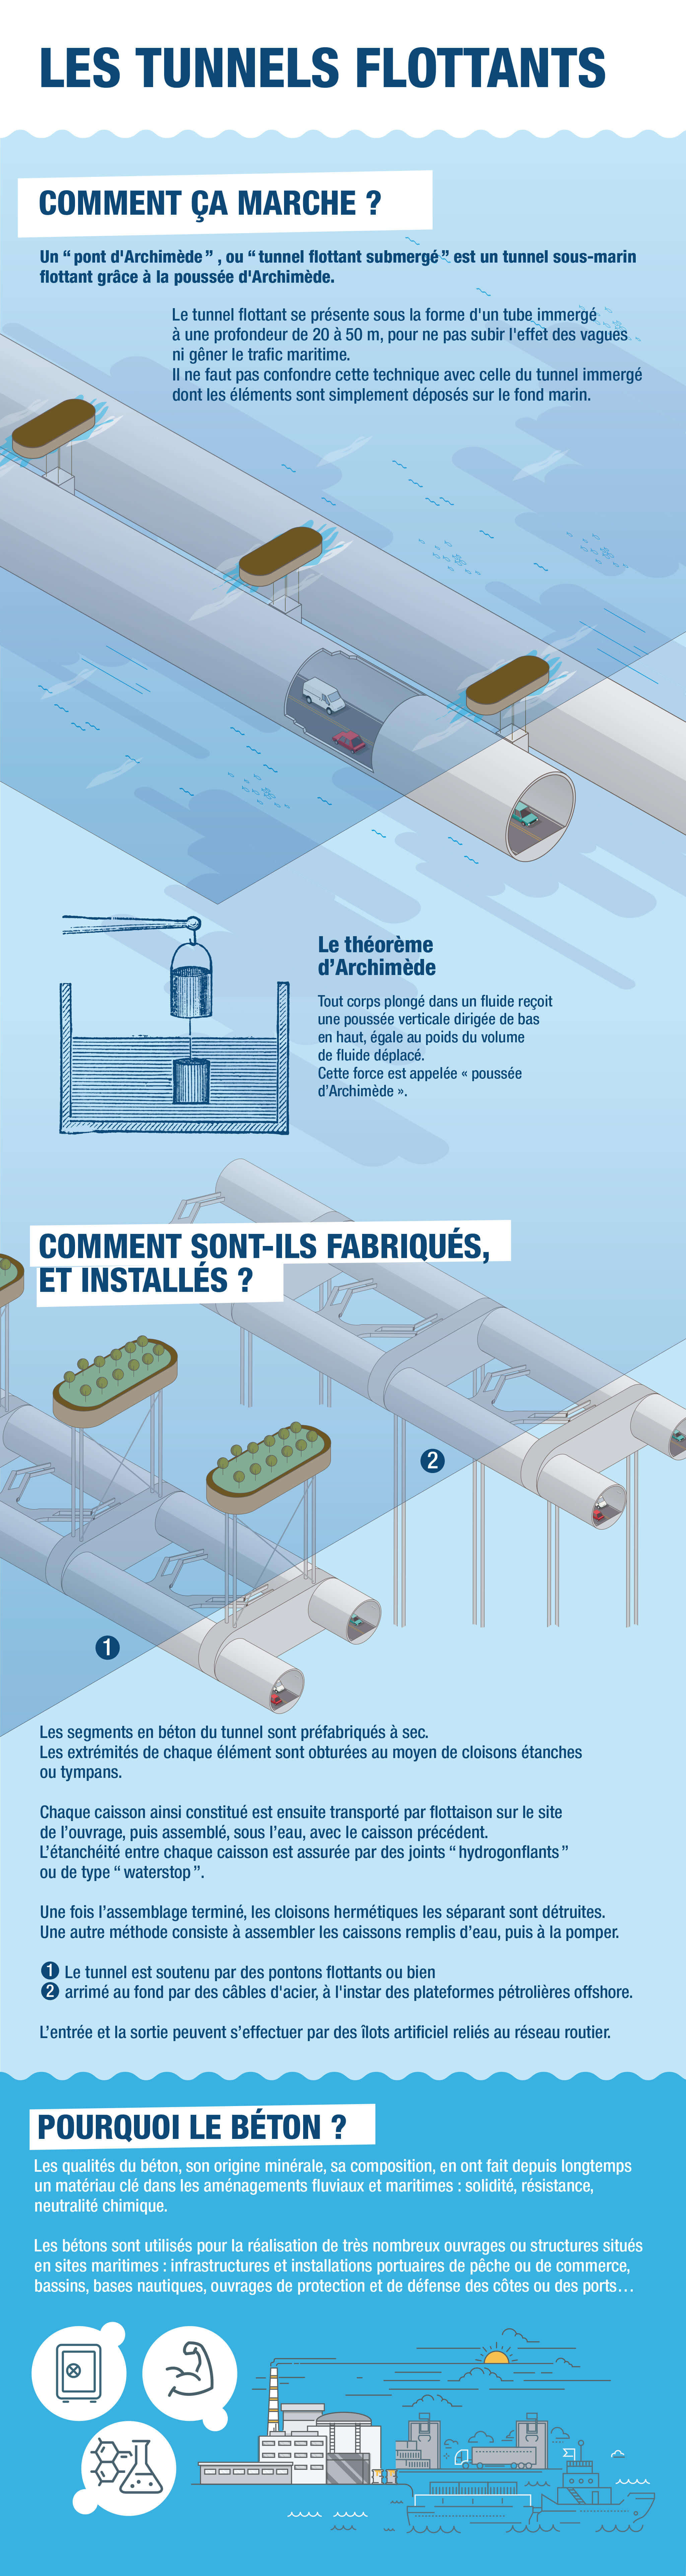 Des tunnels flottants sous-marins en béton !